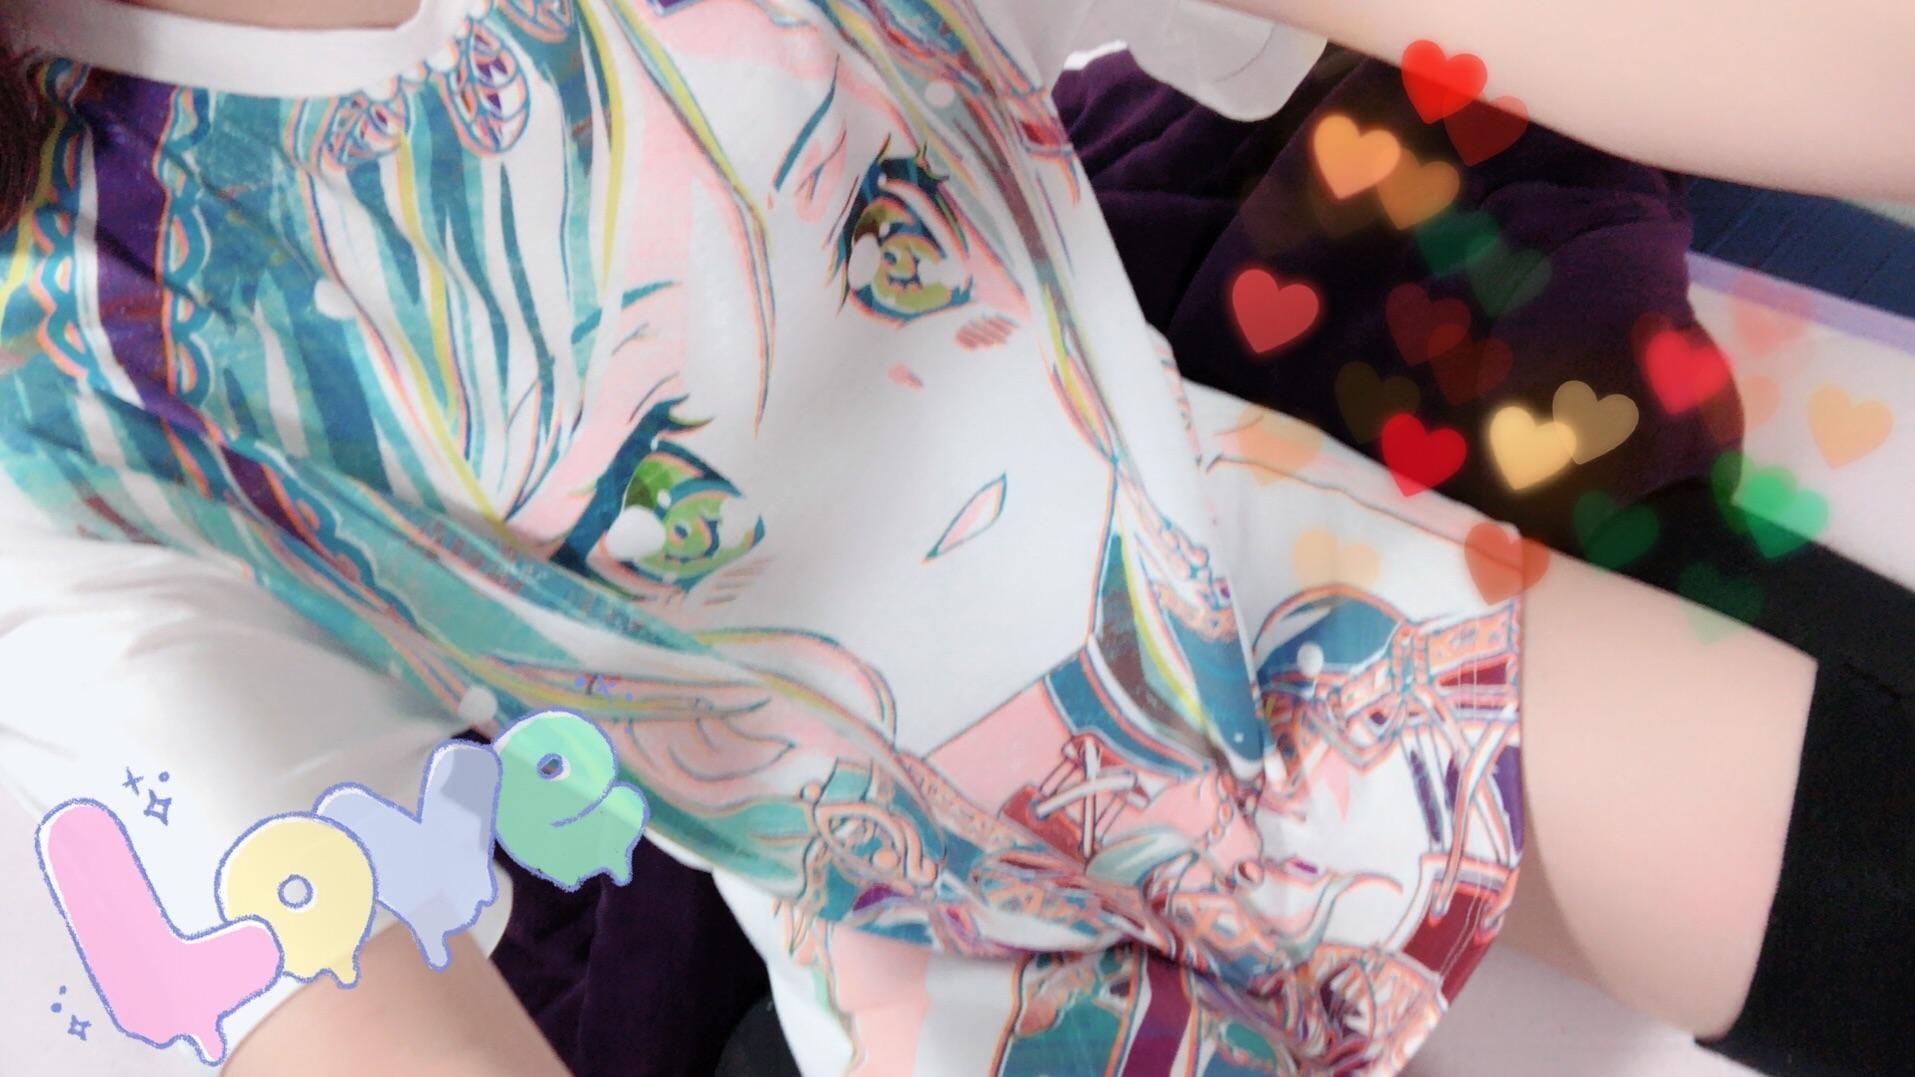 「久々の!」12/16(12/16) 02:02 | 白石 レミの写メ・風俗動画